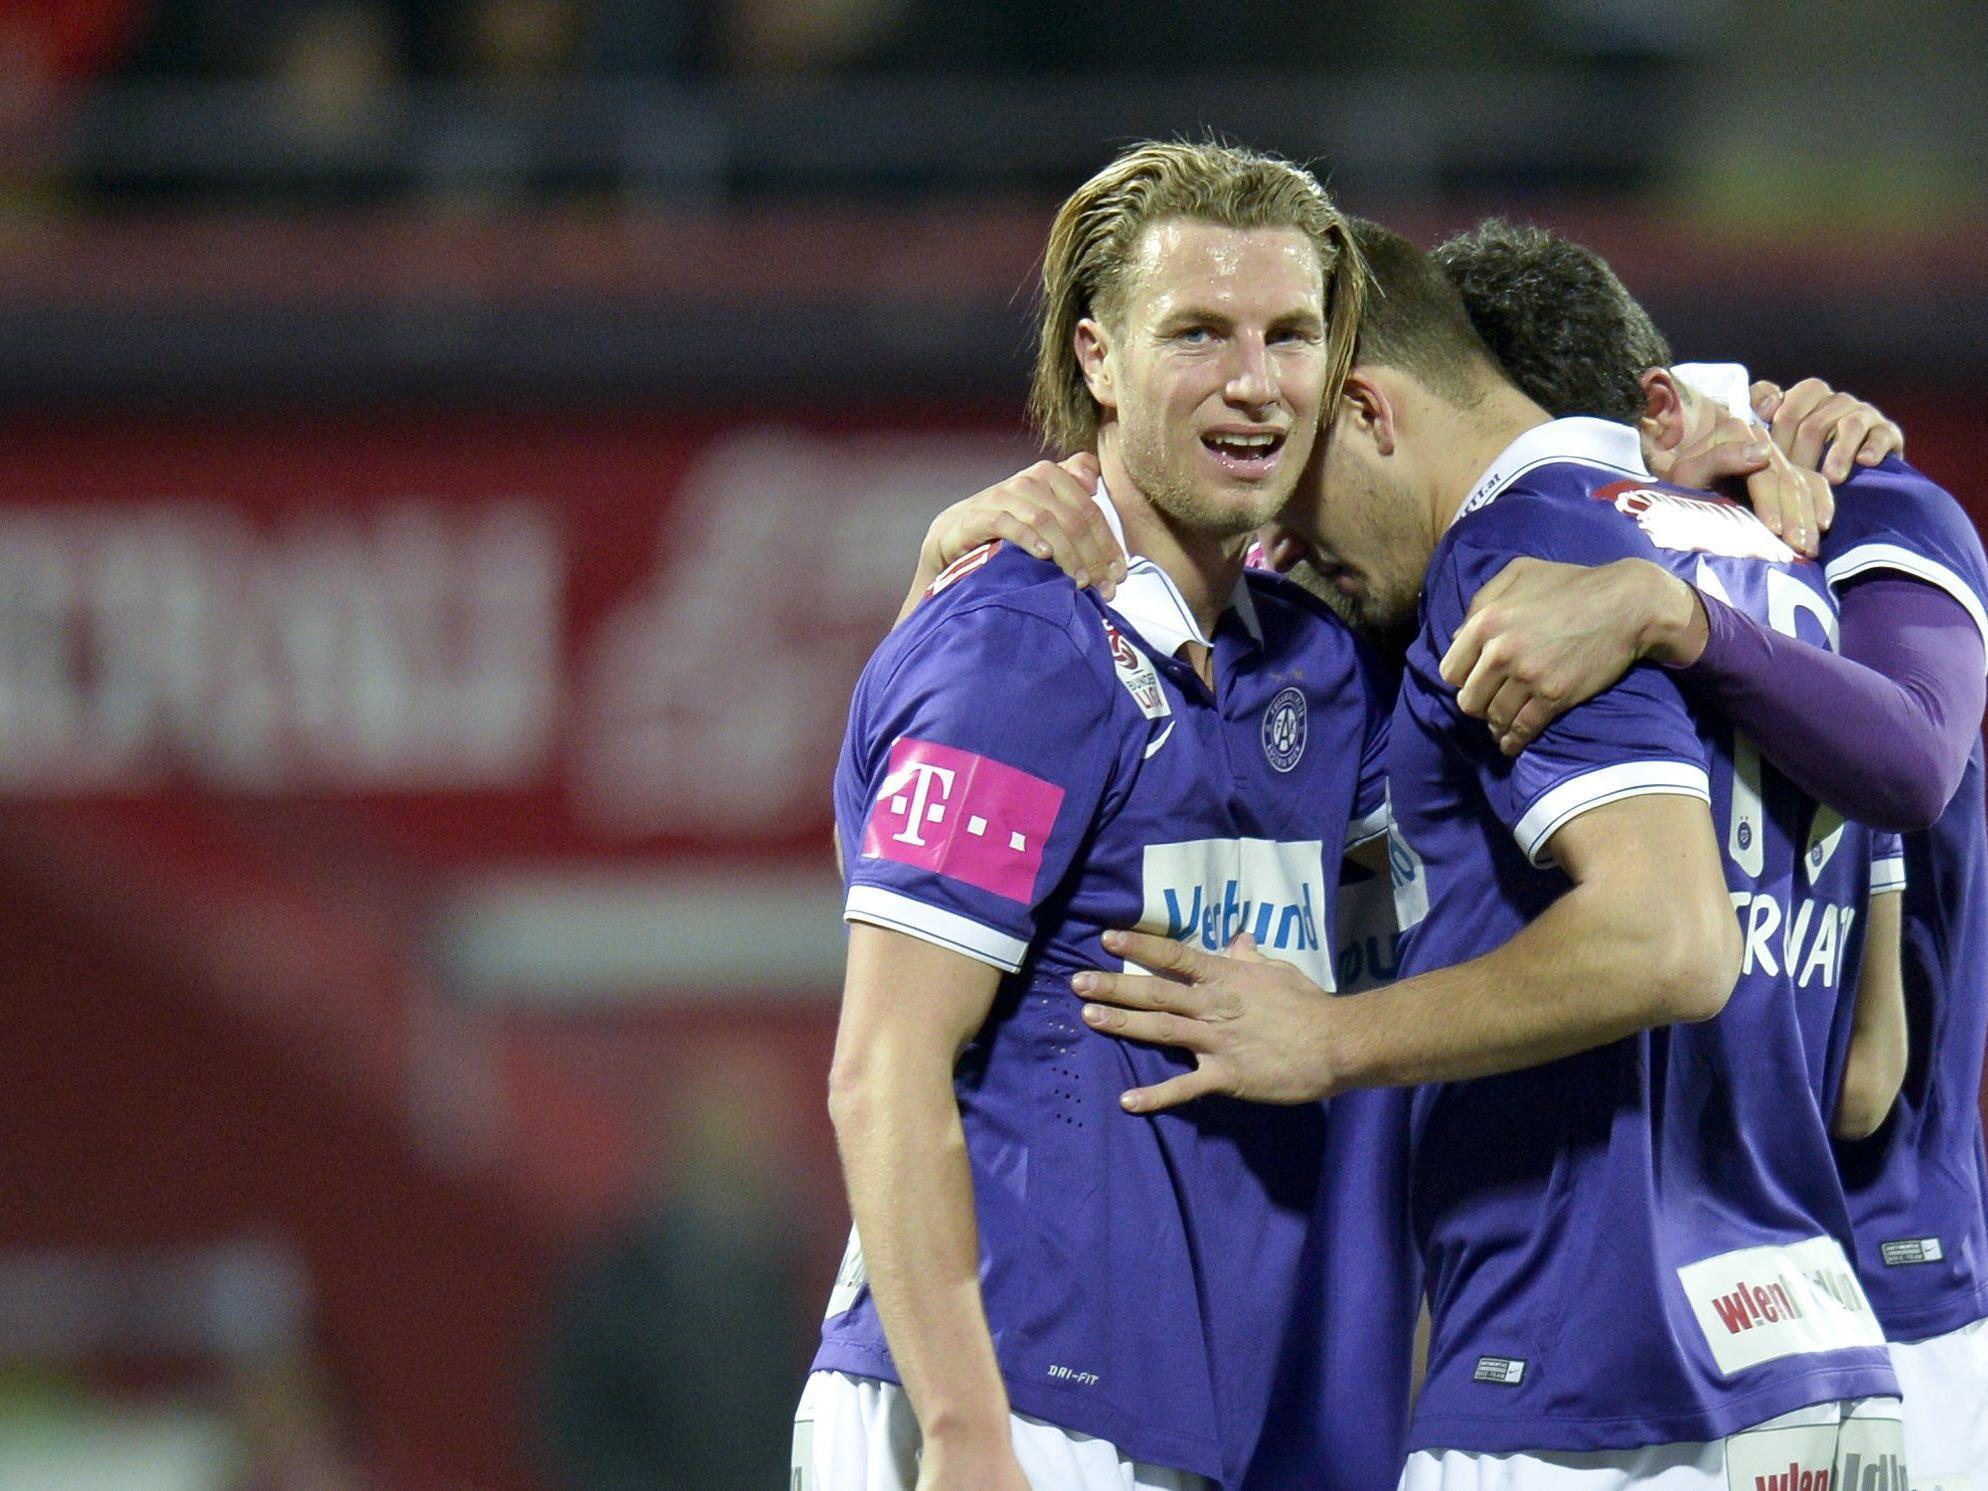 Am Dienstag geht es für die Austria Wien im ÖFB-Cup-Viertelfinale um einen Startplatz in der Europa League.